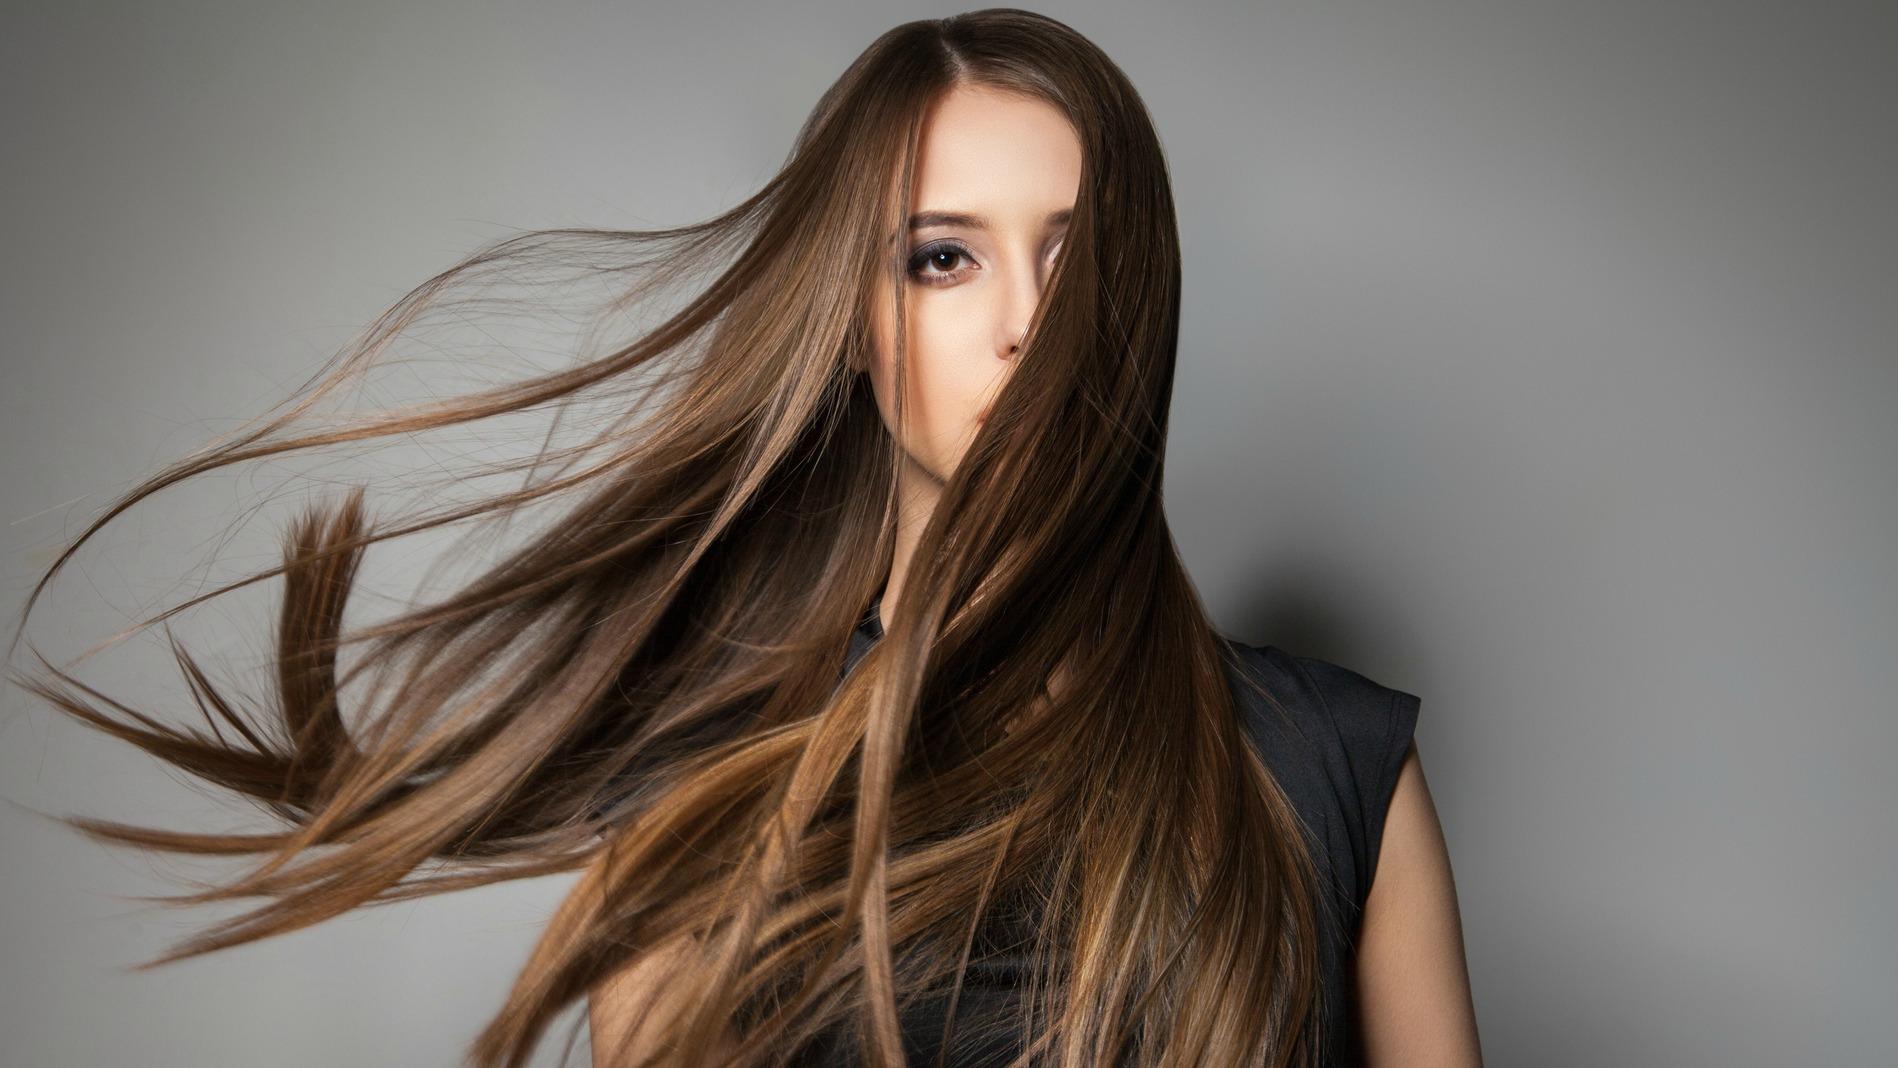 Acconciature e consigli per i capelli per questa estate 2019